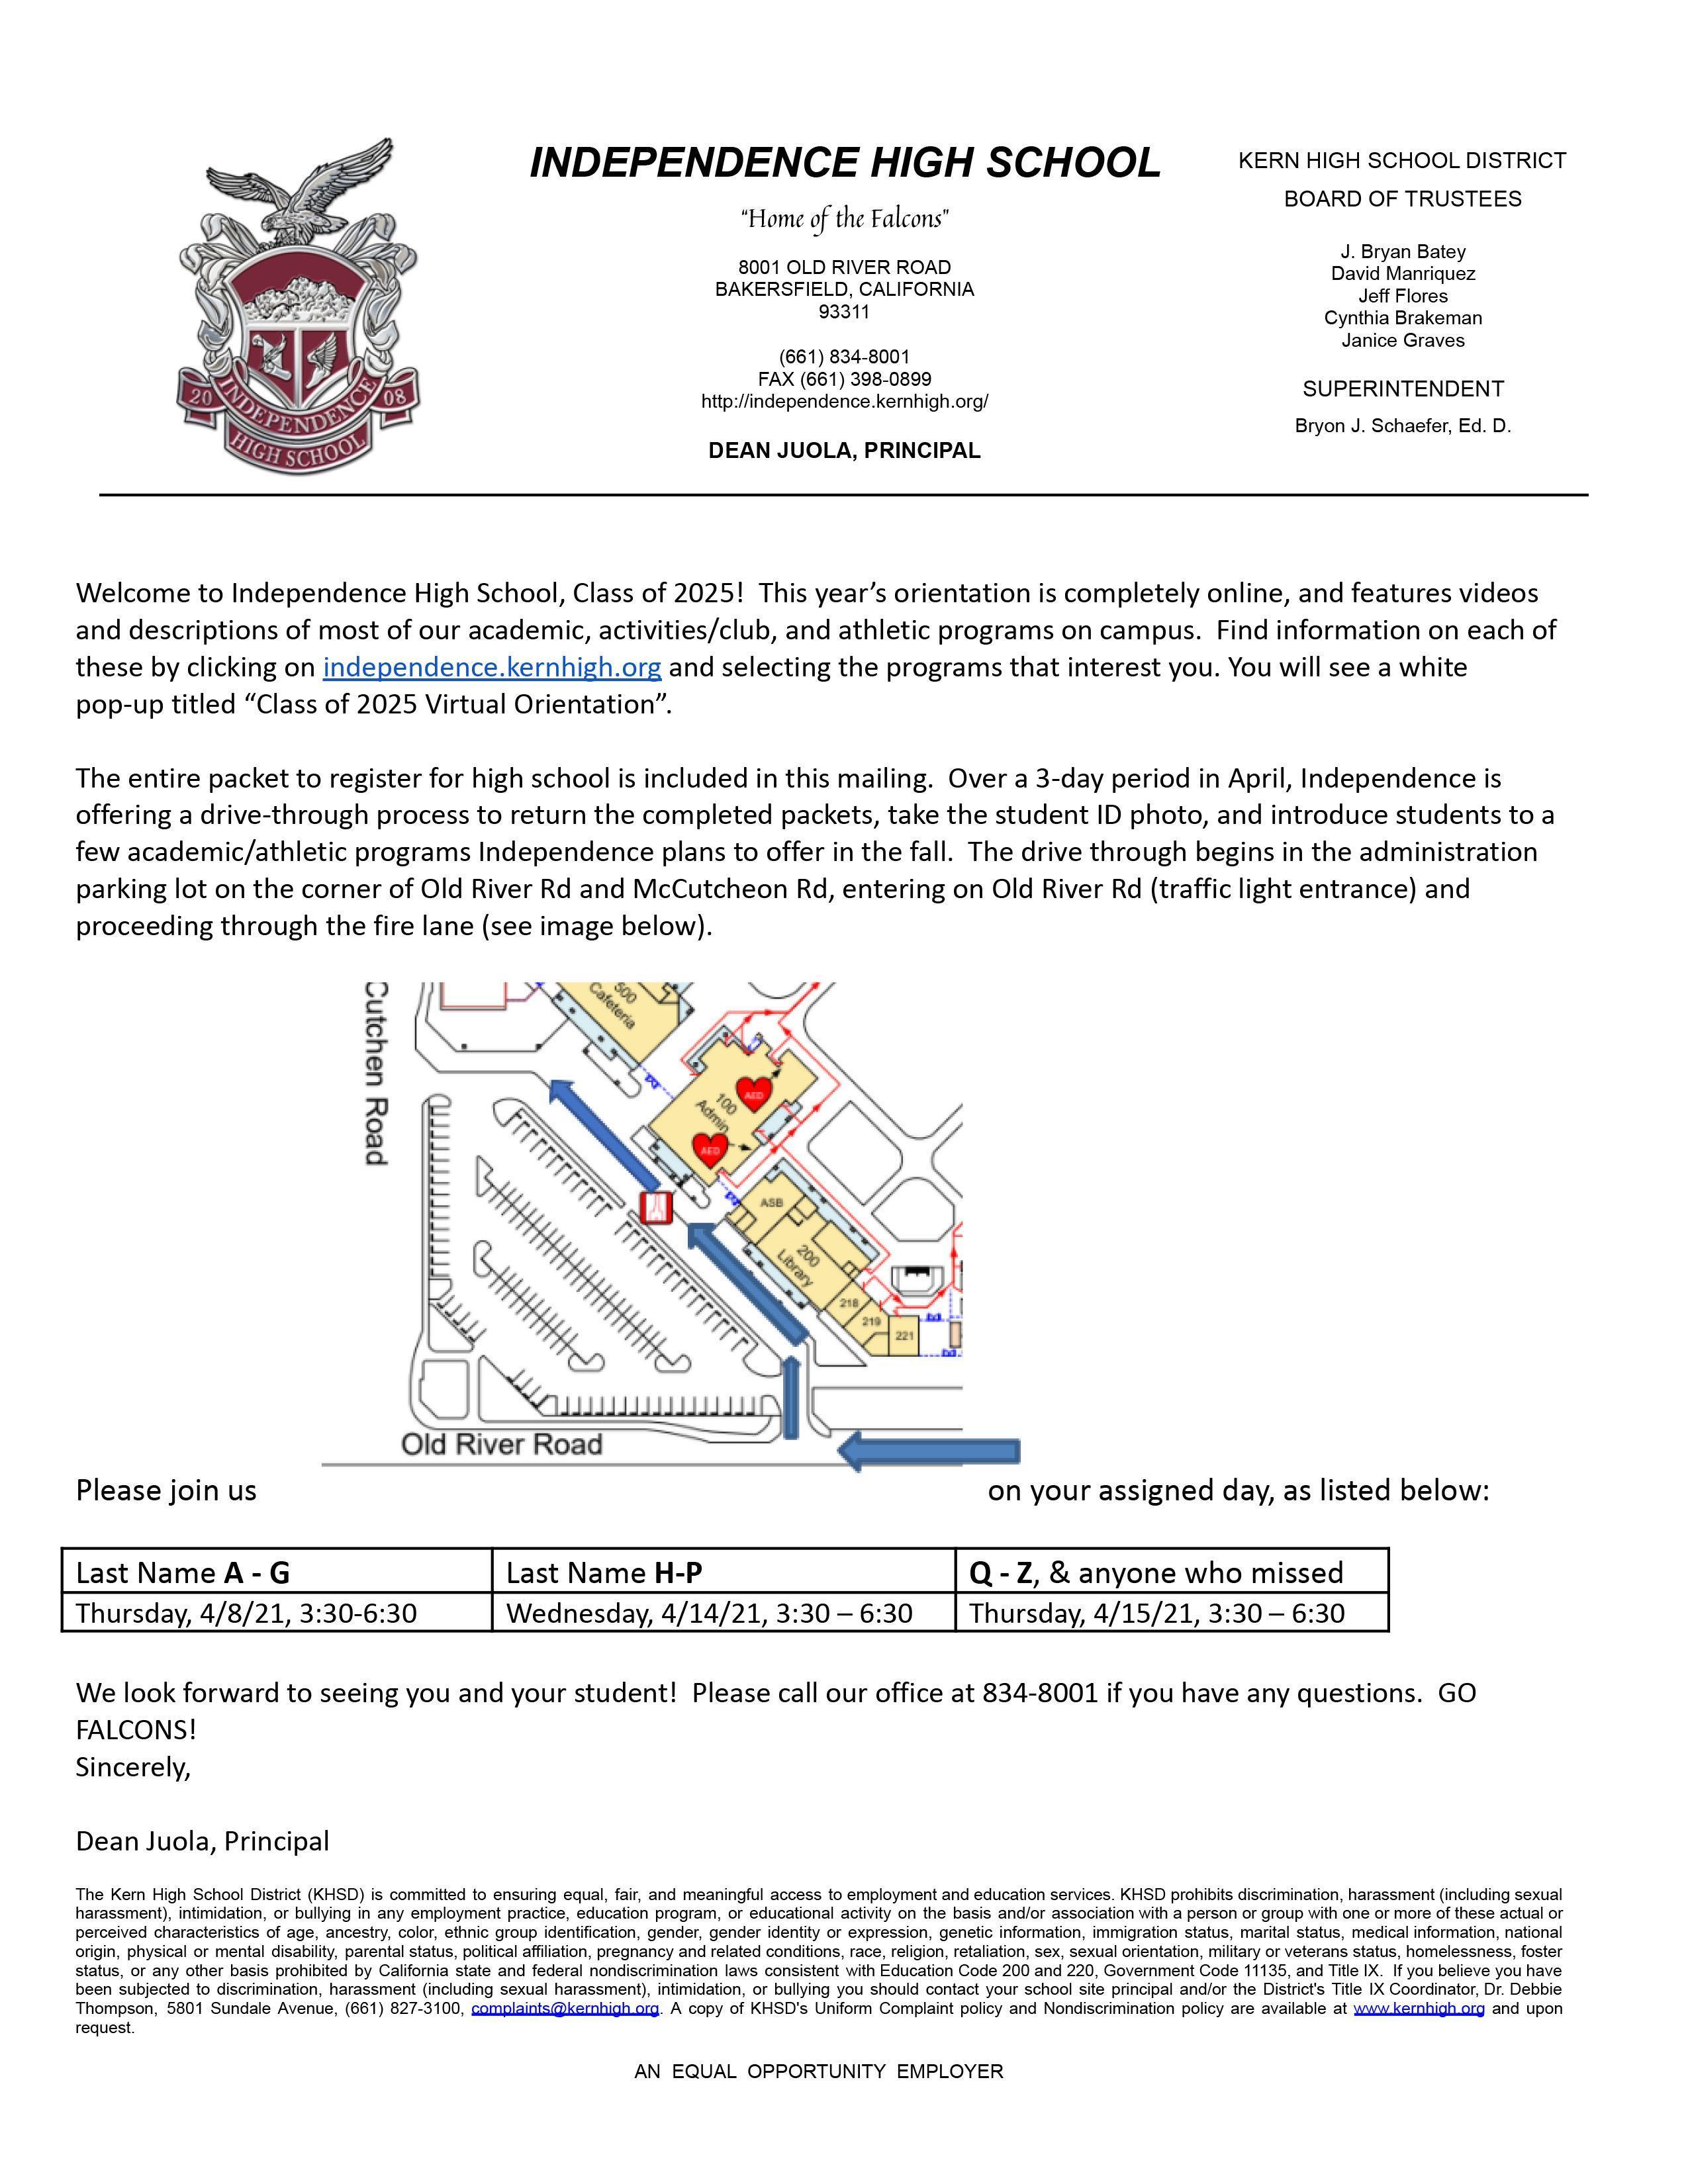 Principal's Letter about Orientation